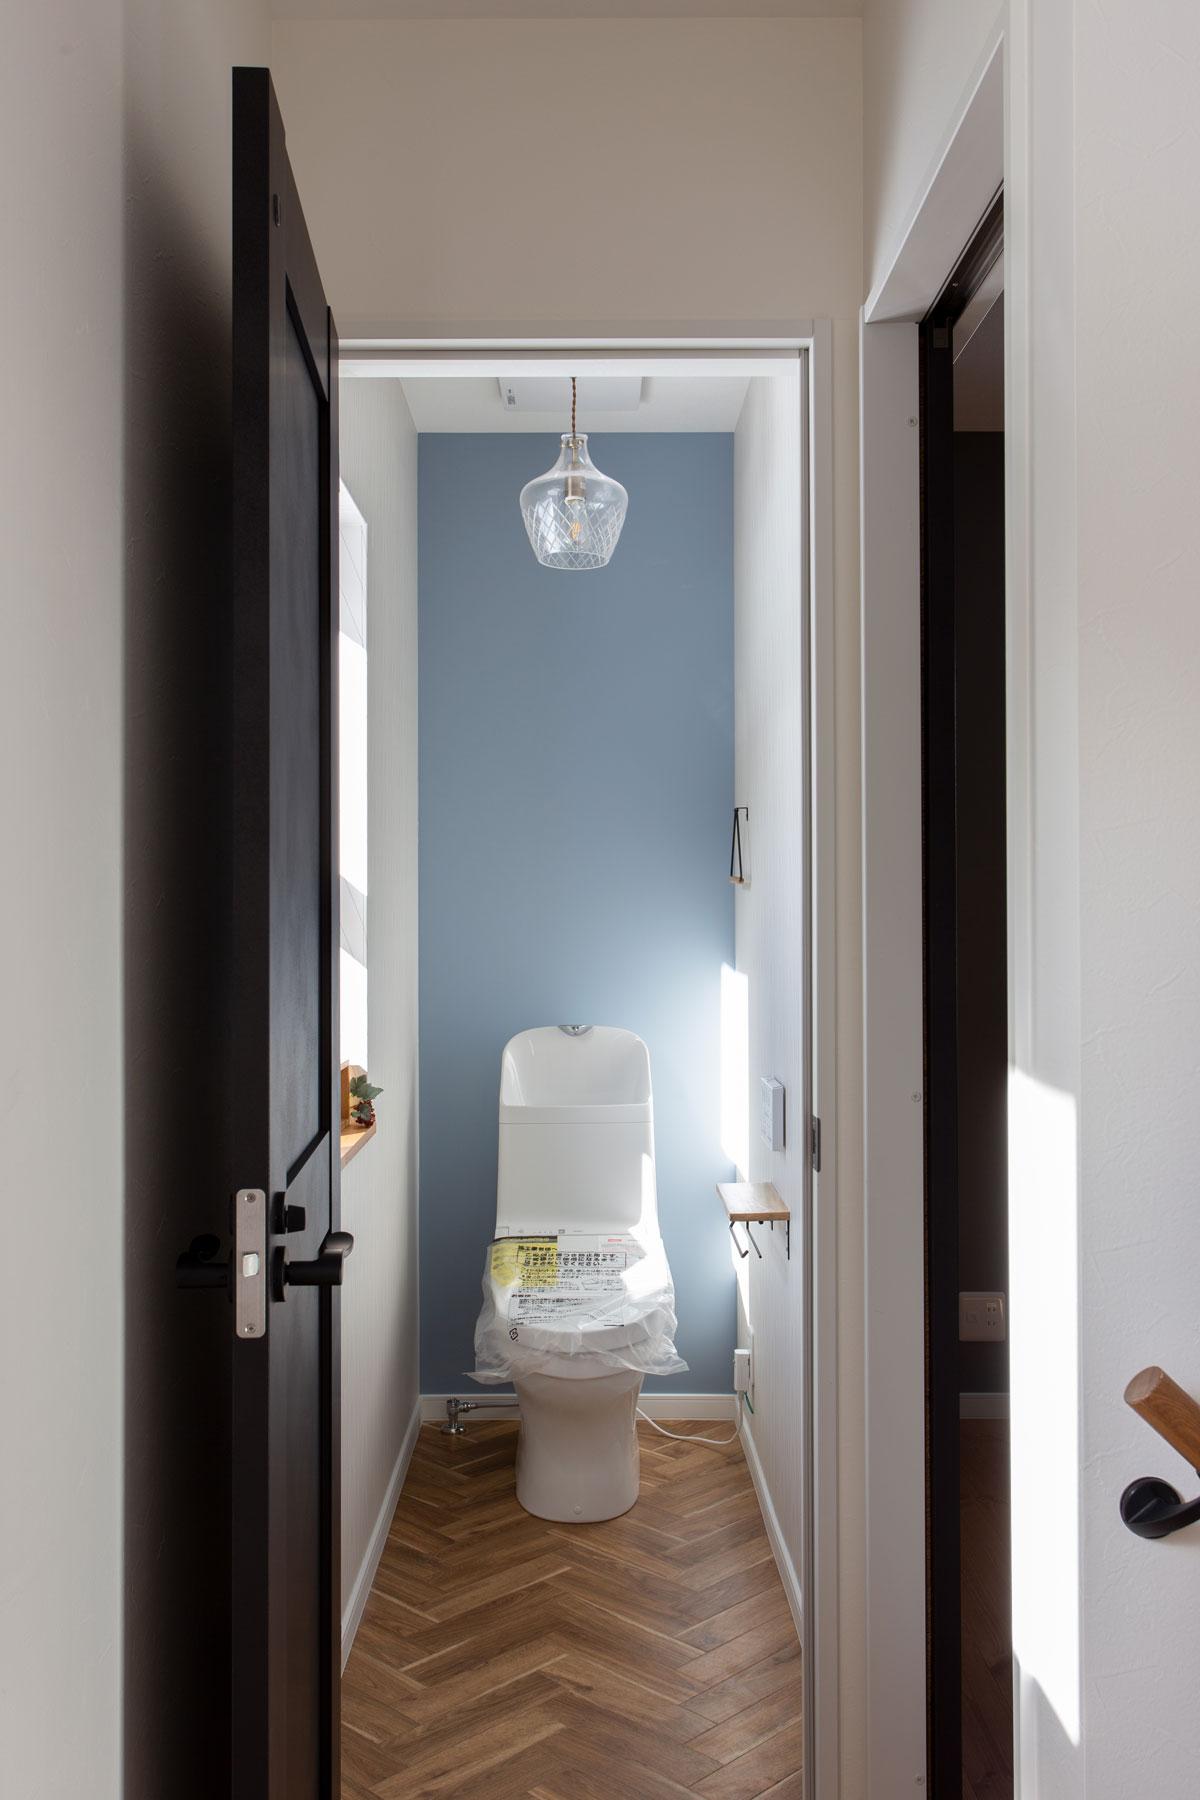 ブルーの壁紙をアクセントにした2Fトイレ